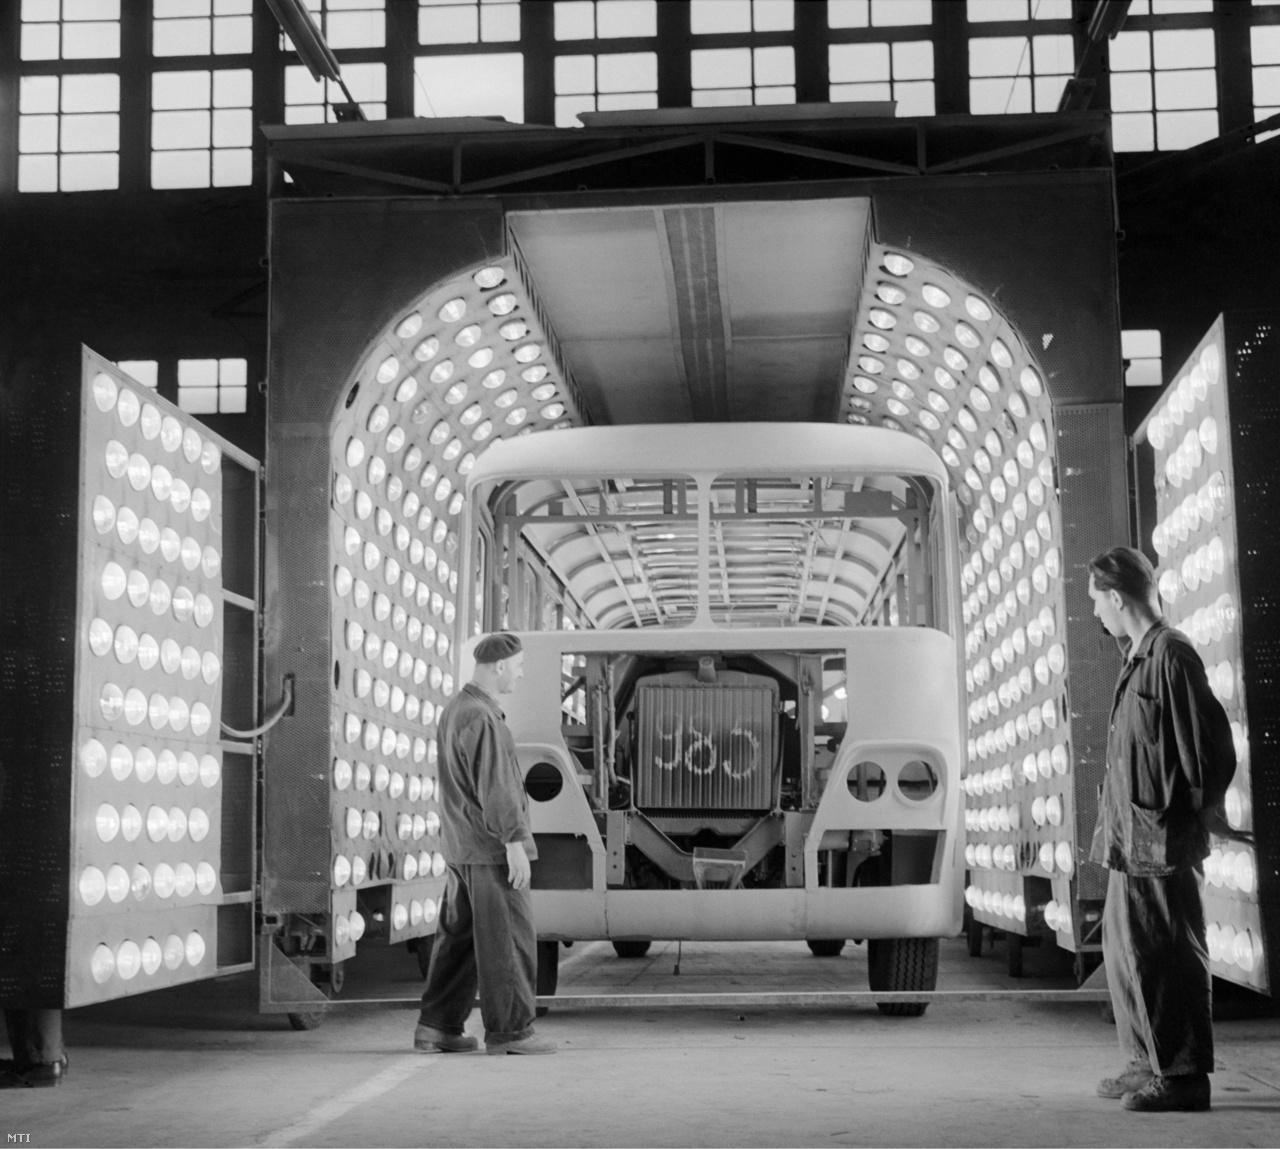 Szovjet exporta szánt félkész Ikarus 311 típusú autóbusz a keréken gördülő festékszárító infraalagút végén. A több száz lámpa 15 perc alatt szárítja meg a buszok fényezését 1961. szeptember 15-én